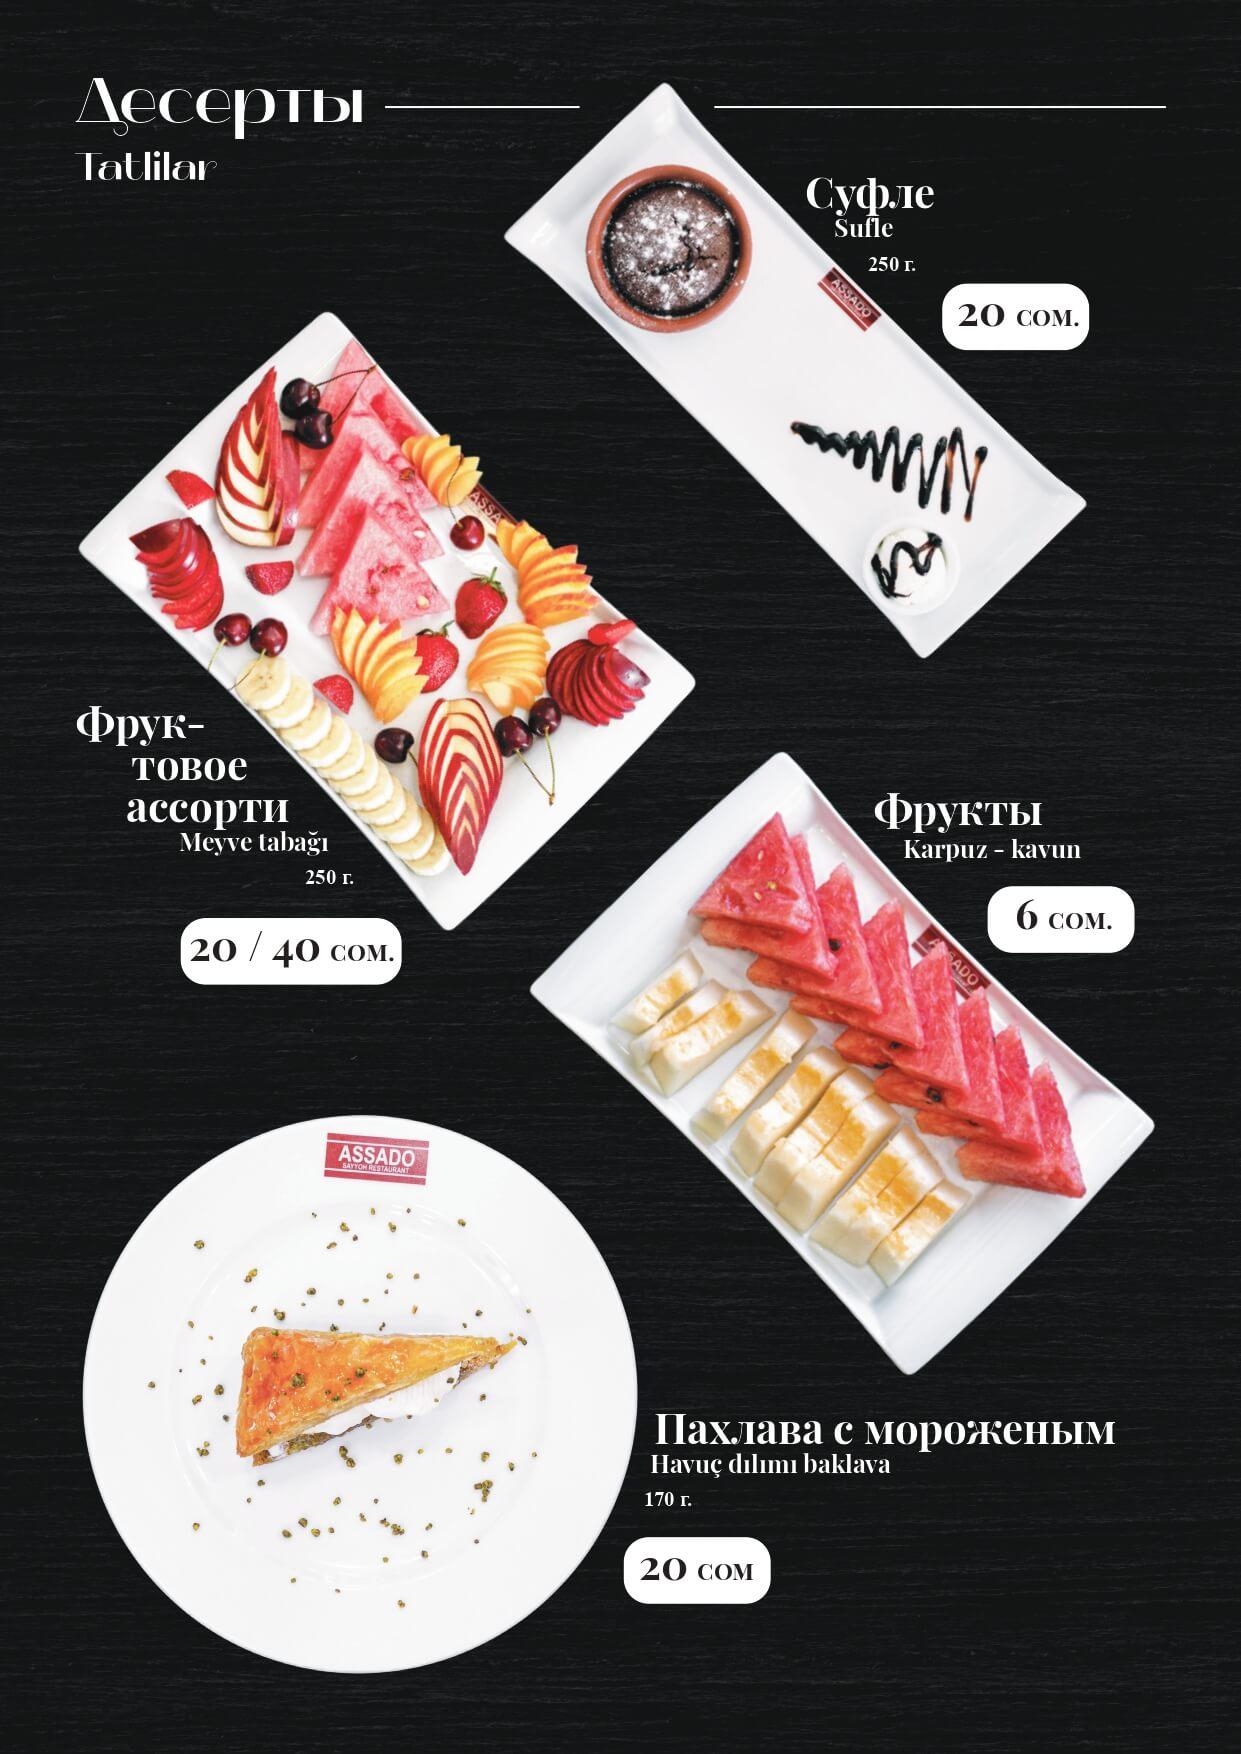 Assado_menu_page-0035